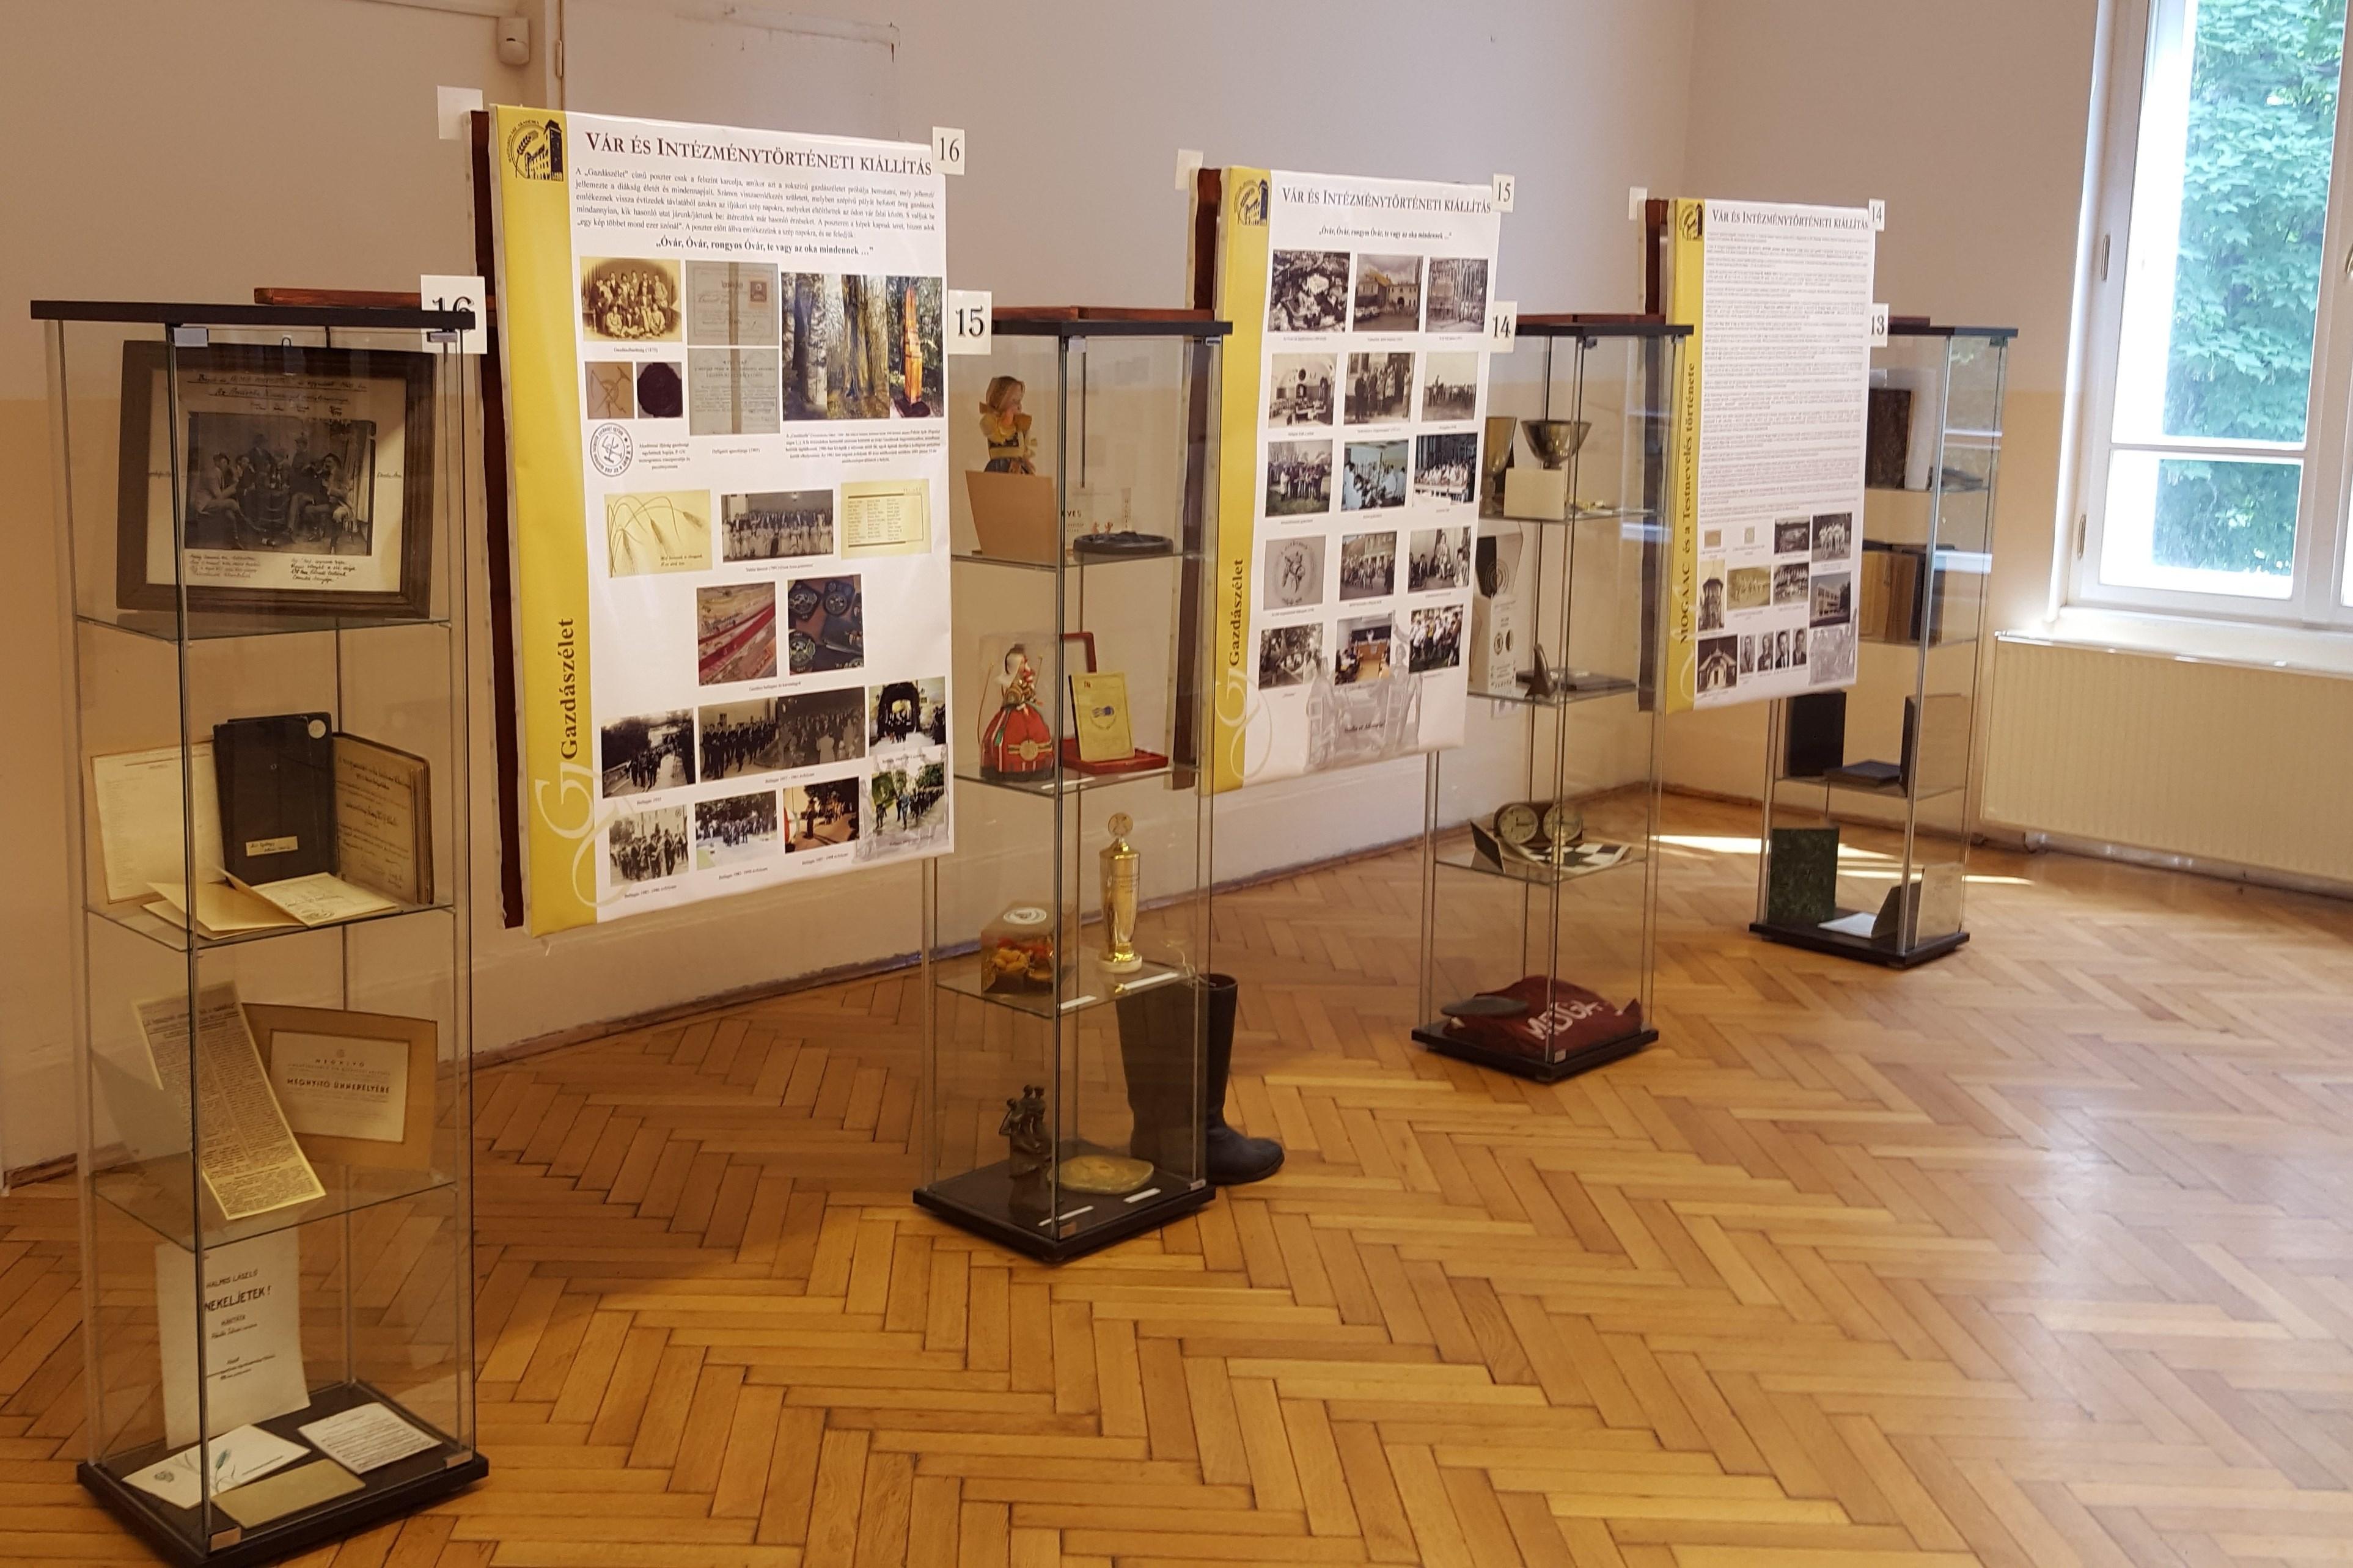 Vár és Intézménytörténeti Kiállítás